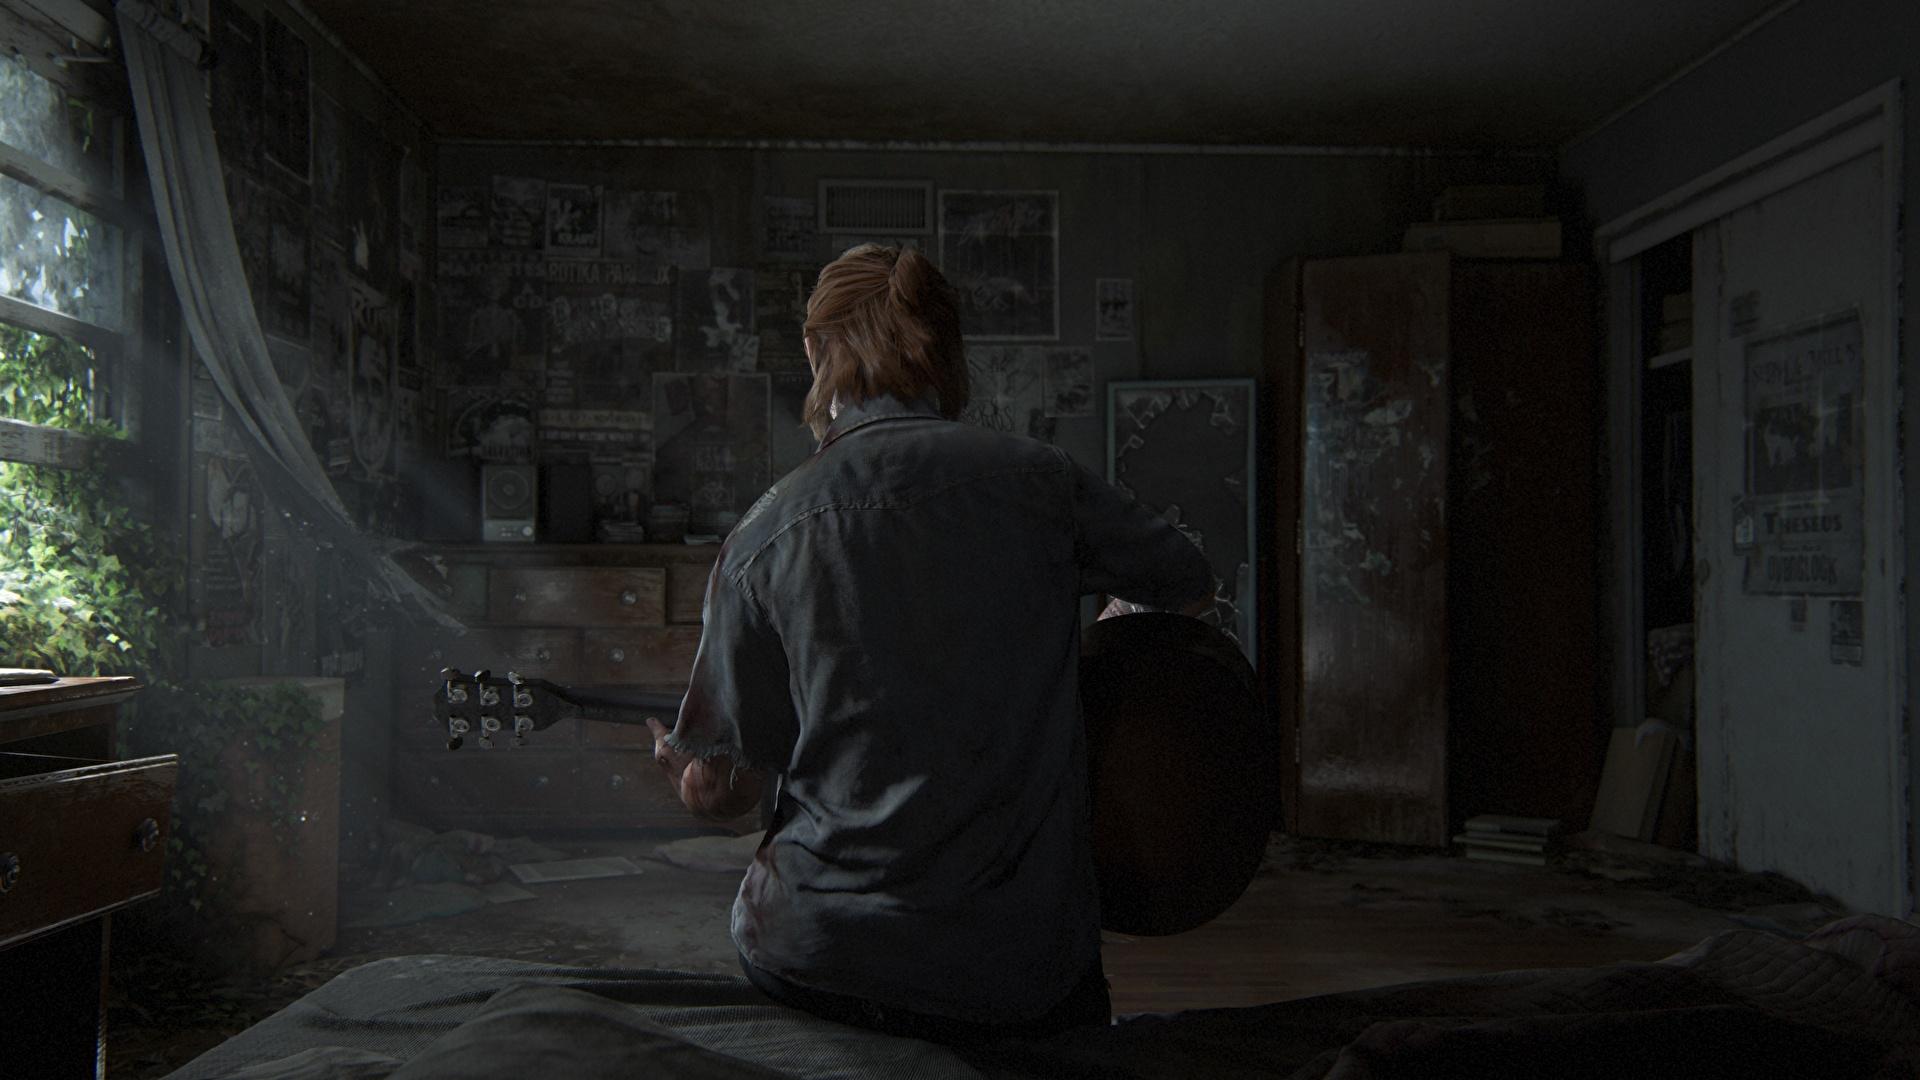 В первом геймплейном трейлере The Last of Us 2 показали поцелуй между двумя героинями